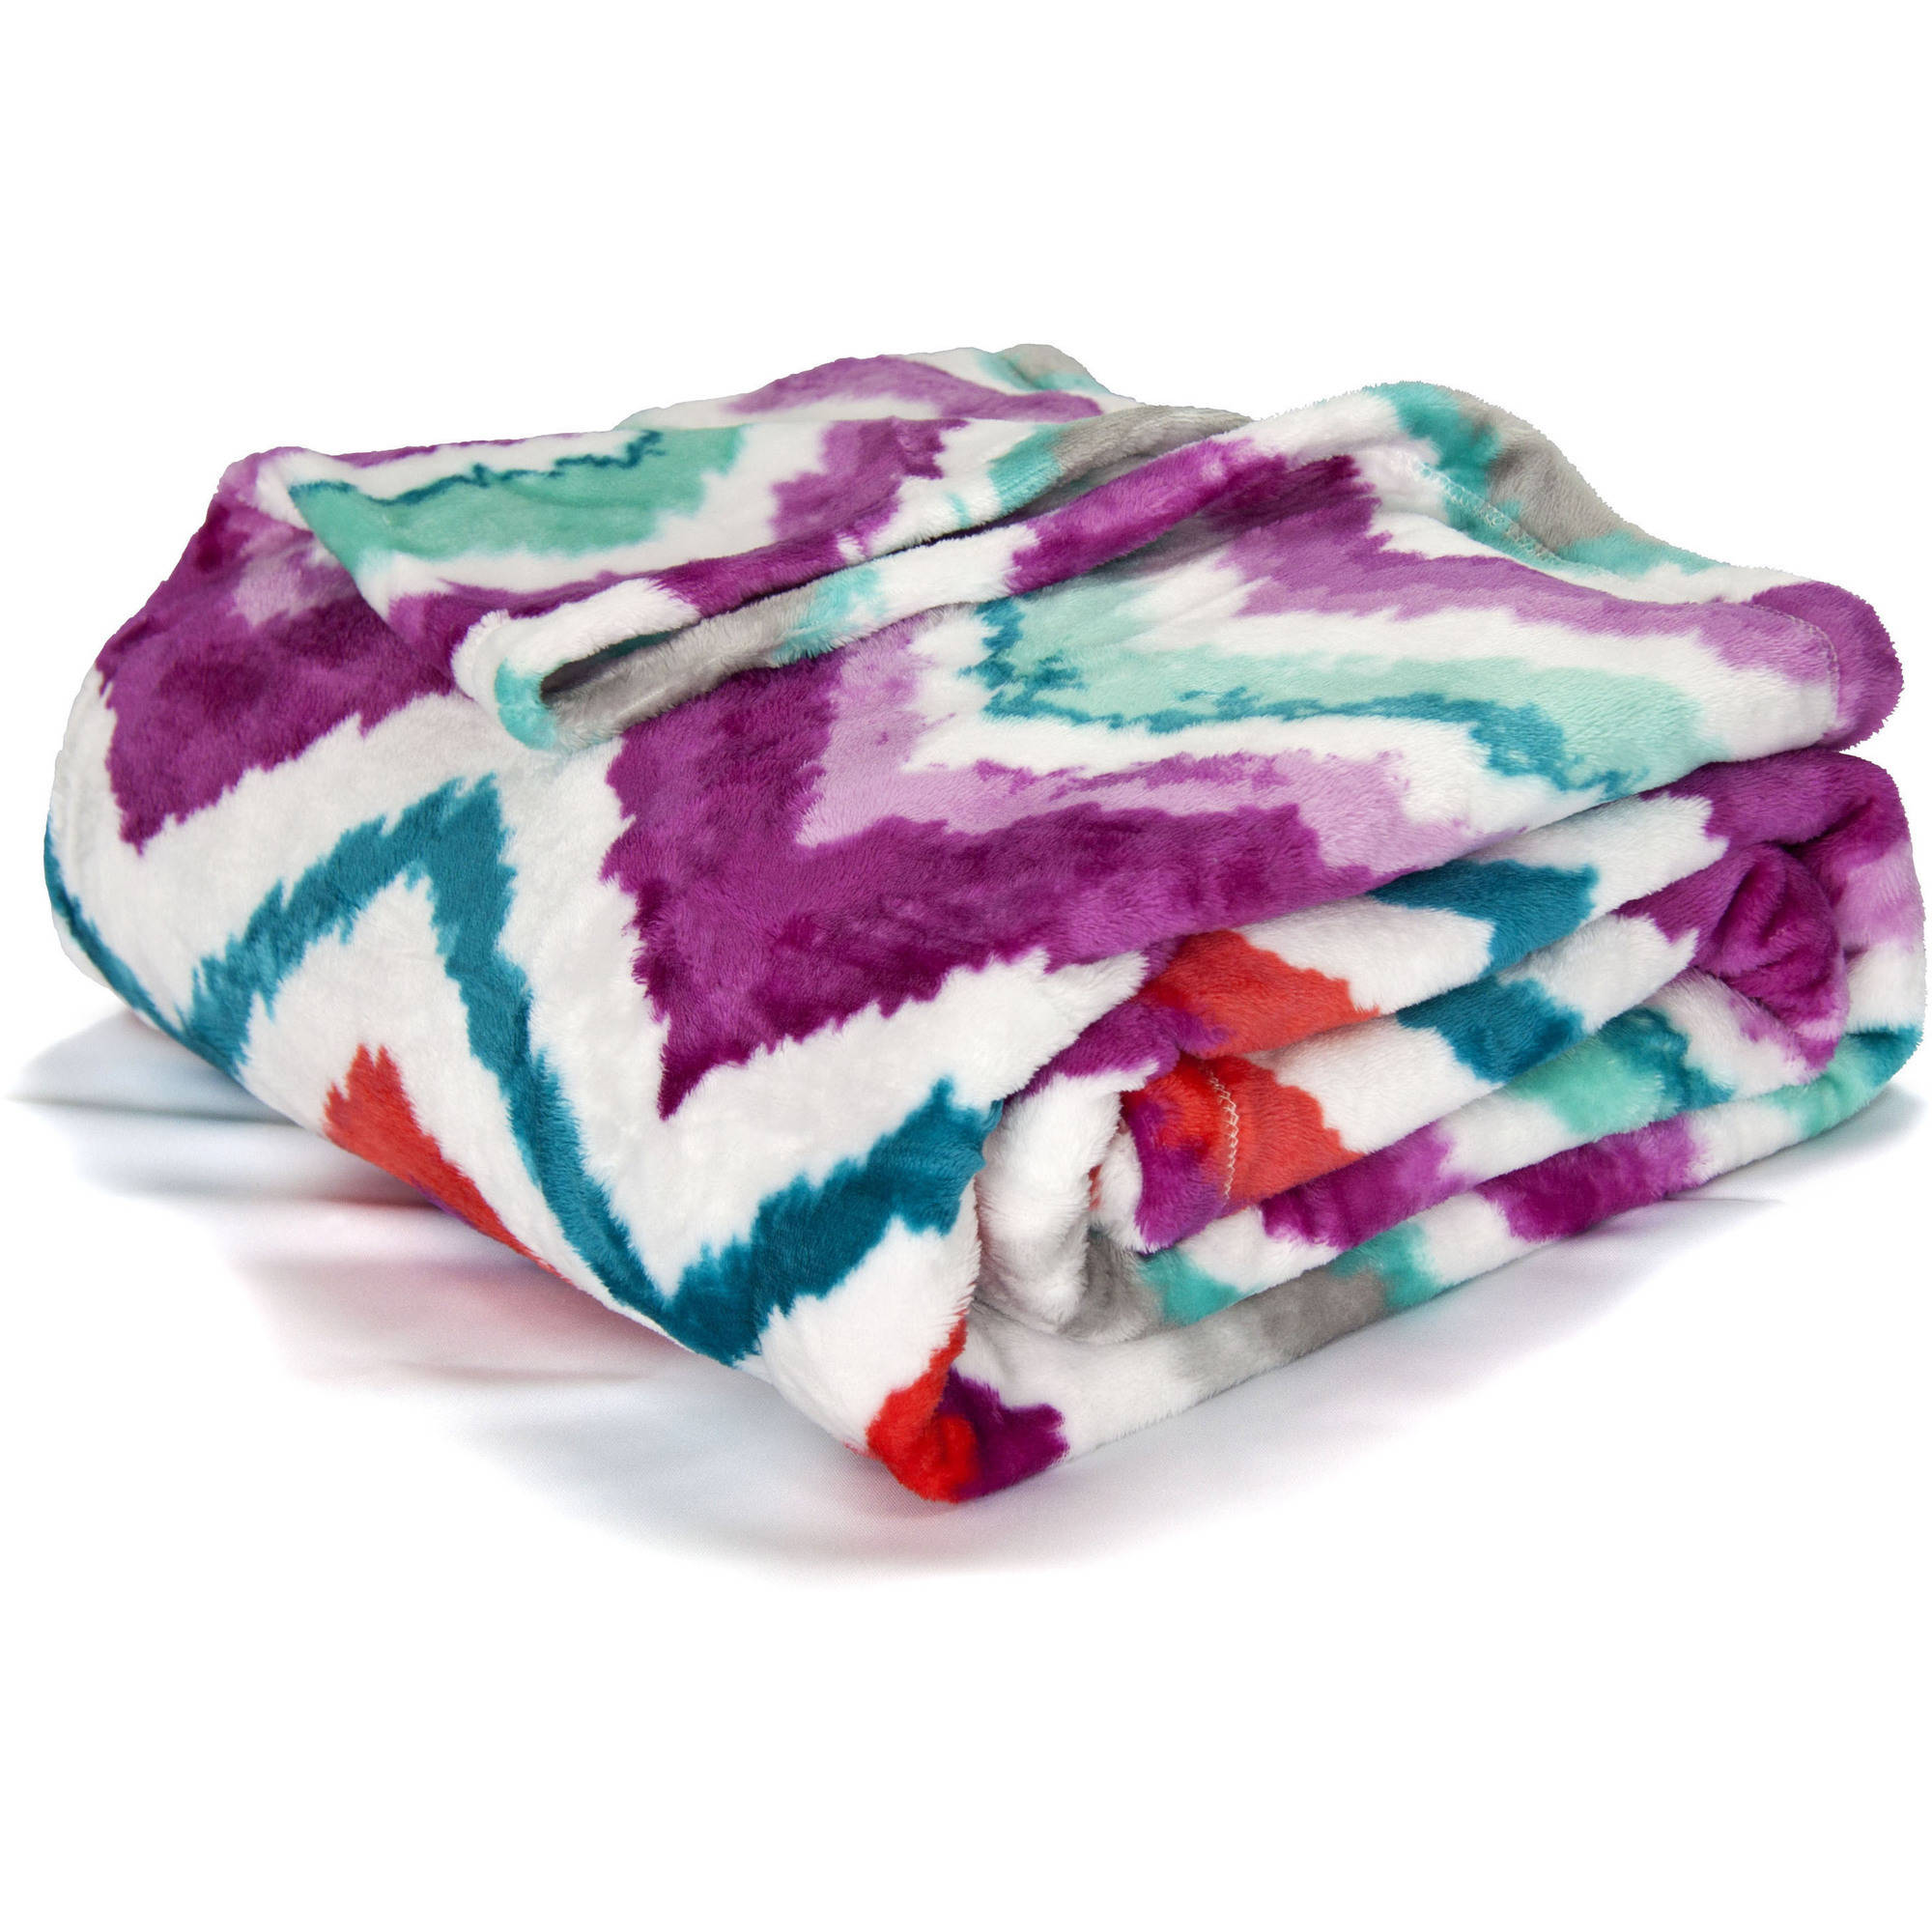 Mainstays Deluxe Plush Blanket Walmart Com Walmart Com